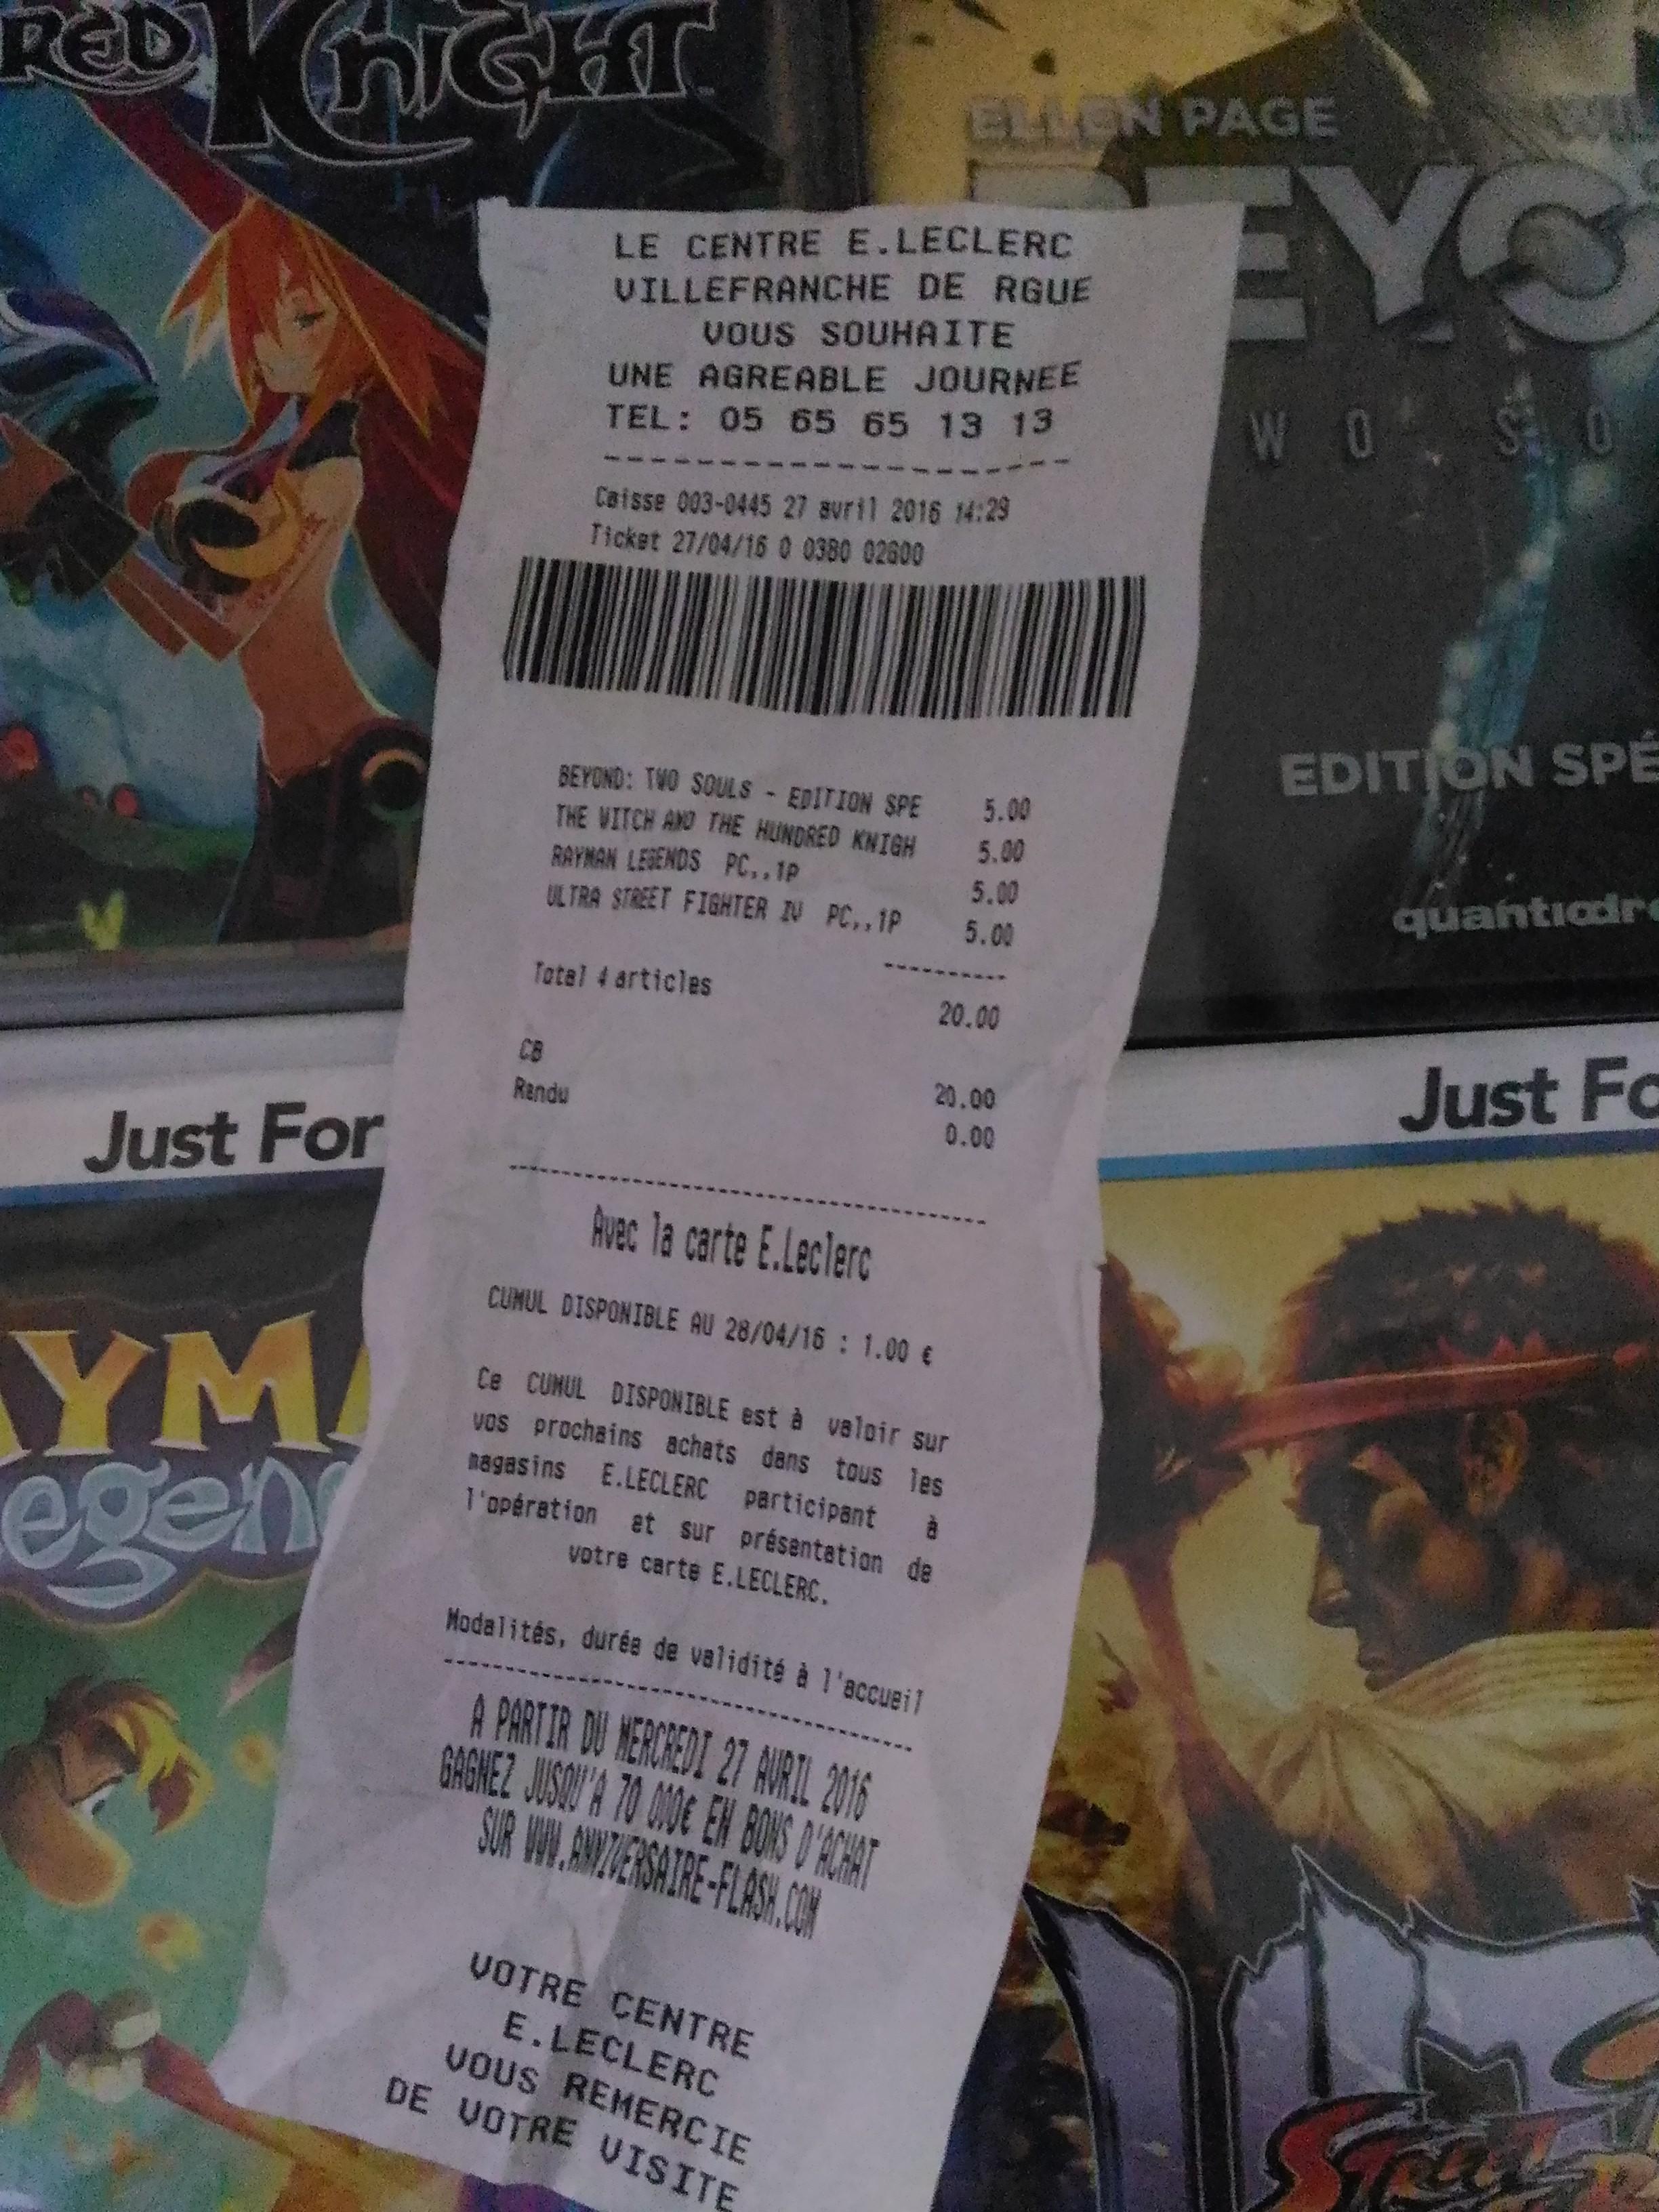 Sélection de jeux vidéo en promotion - Ex : Beyond: Two Souls (édition Spéciale) sur PS3